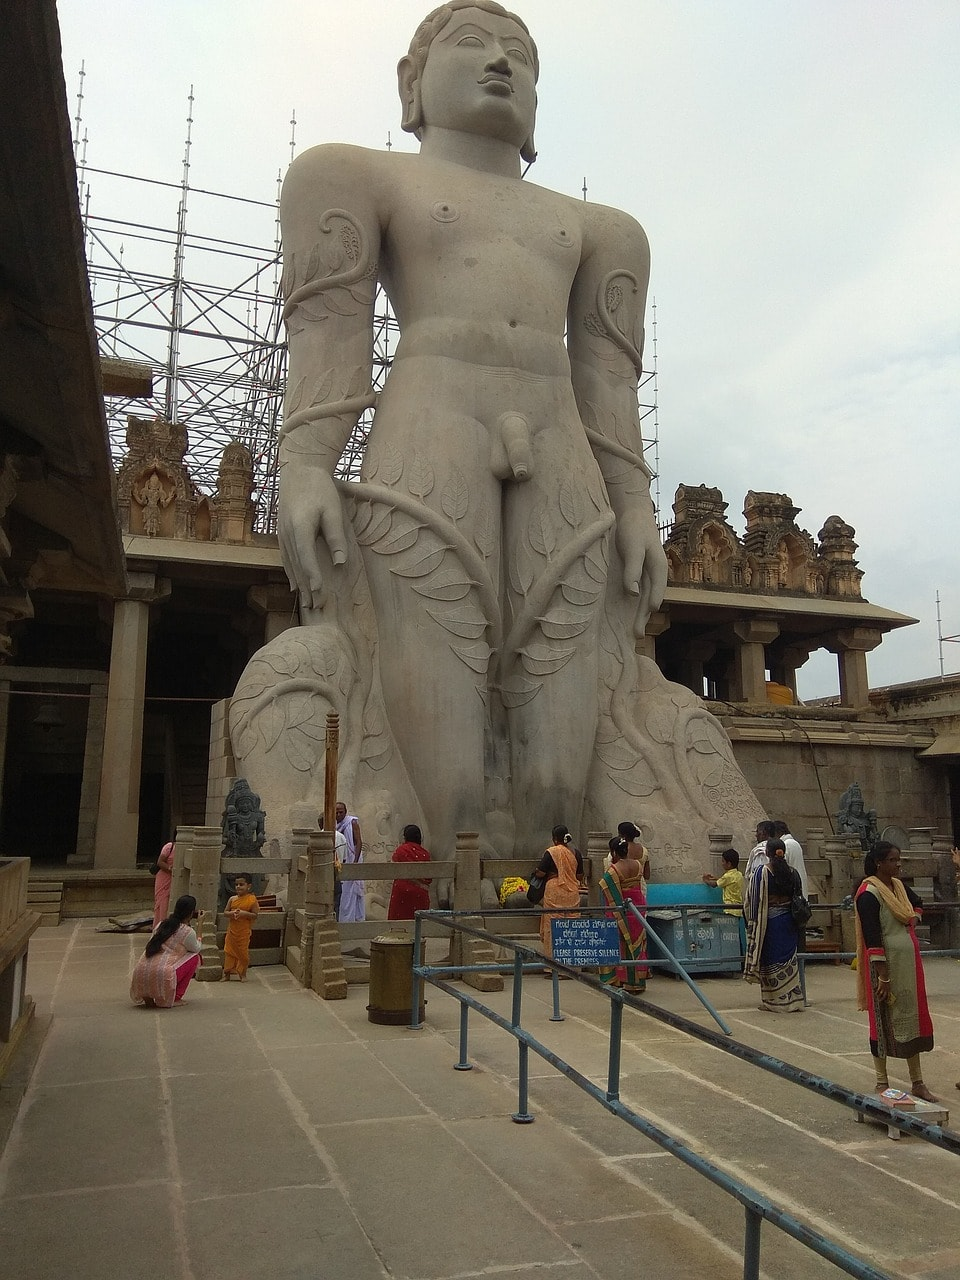 Gomateshwara Bahubali statue at Shravanabelagola